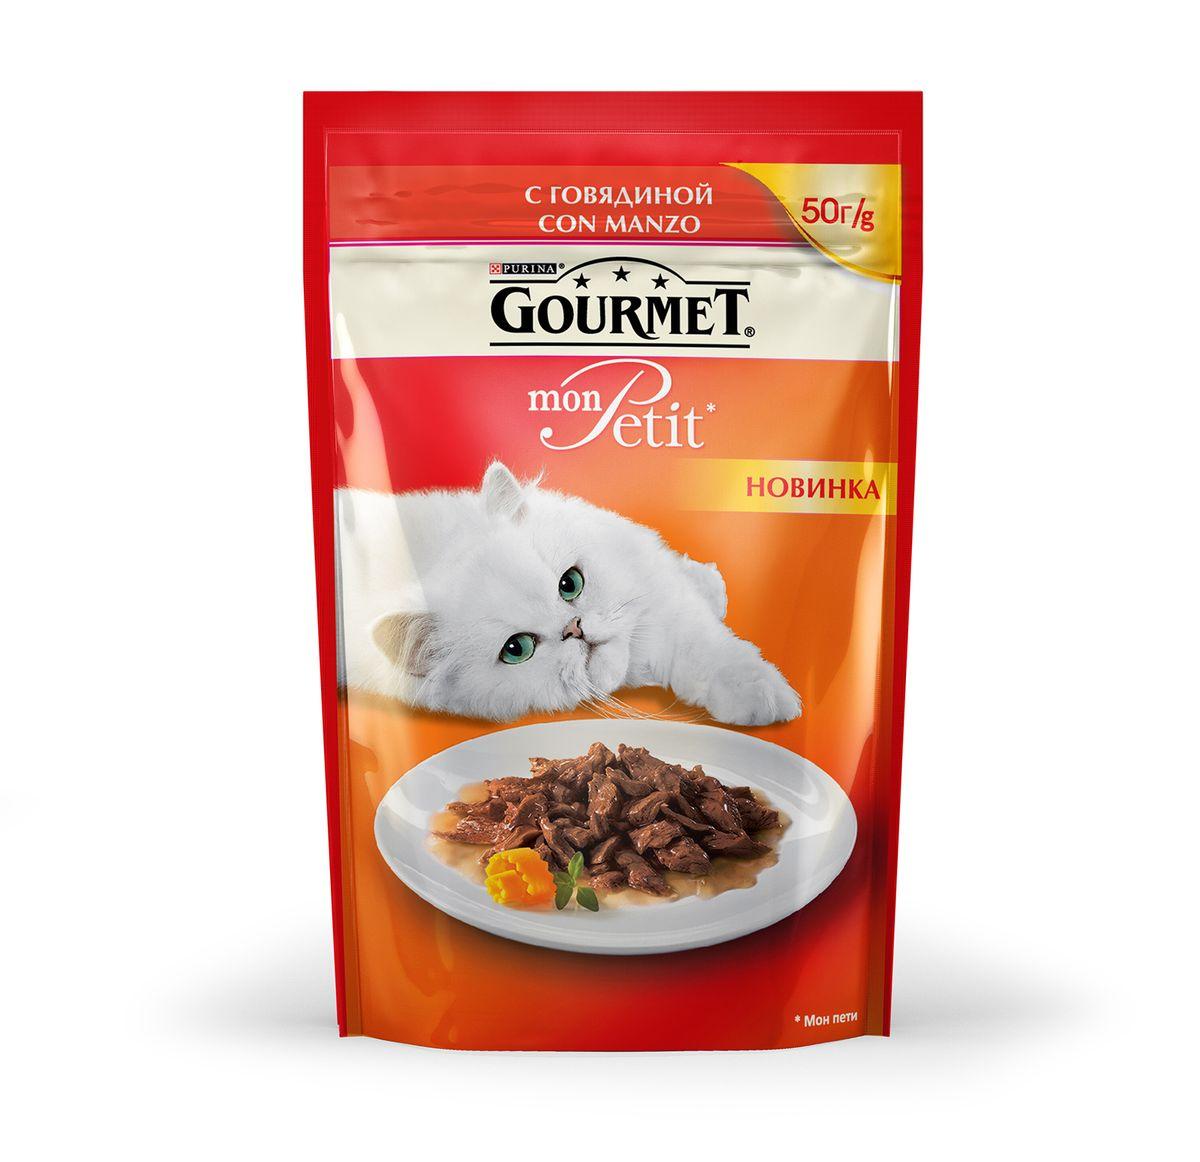 Консервы Gourmet Mon Petit, для взрослых кошек, с говядиной, 50 г12287078Настоящие гурманы знают, что ничто не сравнится с восхитительным вкусом только что приготовленного блюда. Именно тогда изысканное сочетание превосходных ингредиентов раскрывается наиболее ярко. Ваши питомцы достойны вкусного питания - аппетитного обеда из нежнейших кусочков мяса из только что открытого пакетика. Особый формат упаковки Gourmet Mon Petit (50 г) удобен тем, что содержит порцию оптимального размера. Это позволяет вашему пушистому гурману доесть все сразу до последнего кусочка, наслаждаясь пиком вкуса великолепного продукта. Больше не придется хранить остатки в холодильнике и на следующий день уговаривать своего питомца все это съесть. Ведь он, как настоящий гурман, понимает, что вкусно только то, что сразу же оказывается у него на тарелке. Вы можете быть уверены - ваш гурман оценит изысканное сочетание высококачественных ингредиентов, бережно приготовленных в аппетитном соусе. Состав: мясо и продукты переработки мяса (в том...